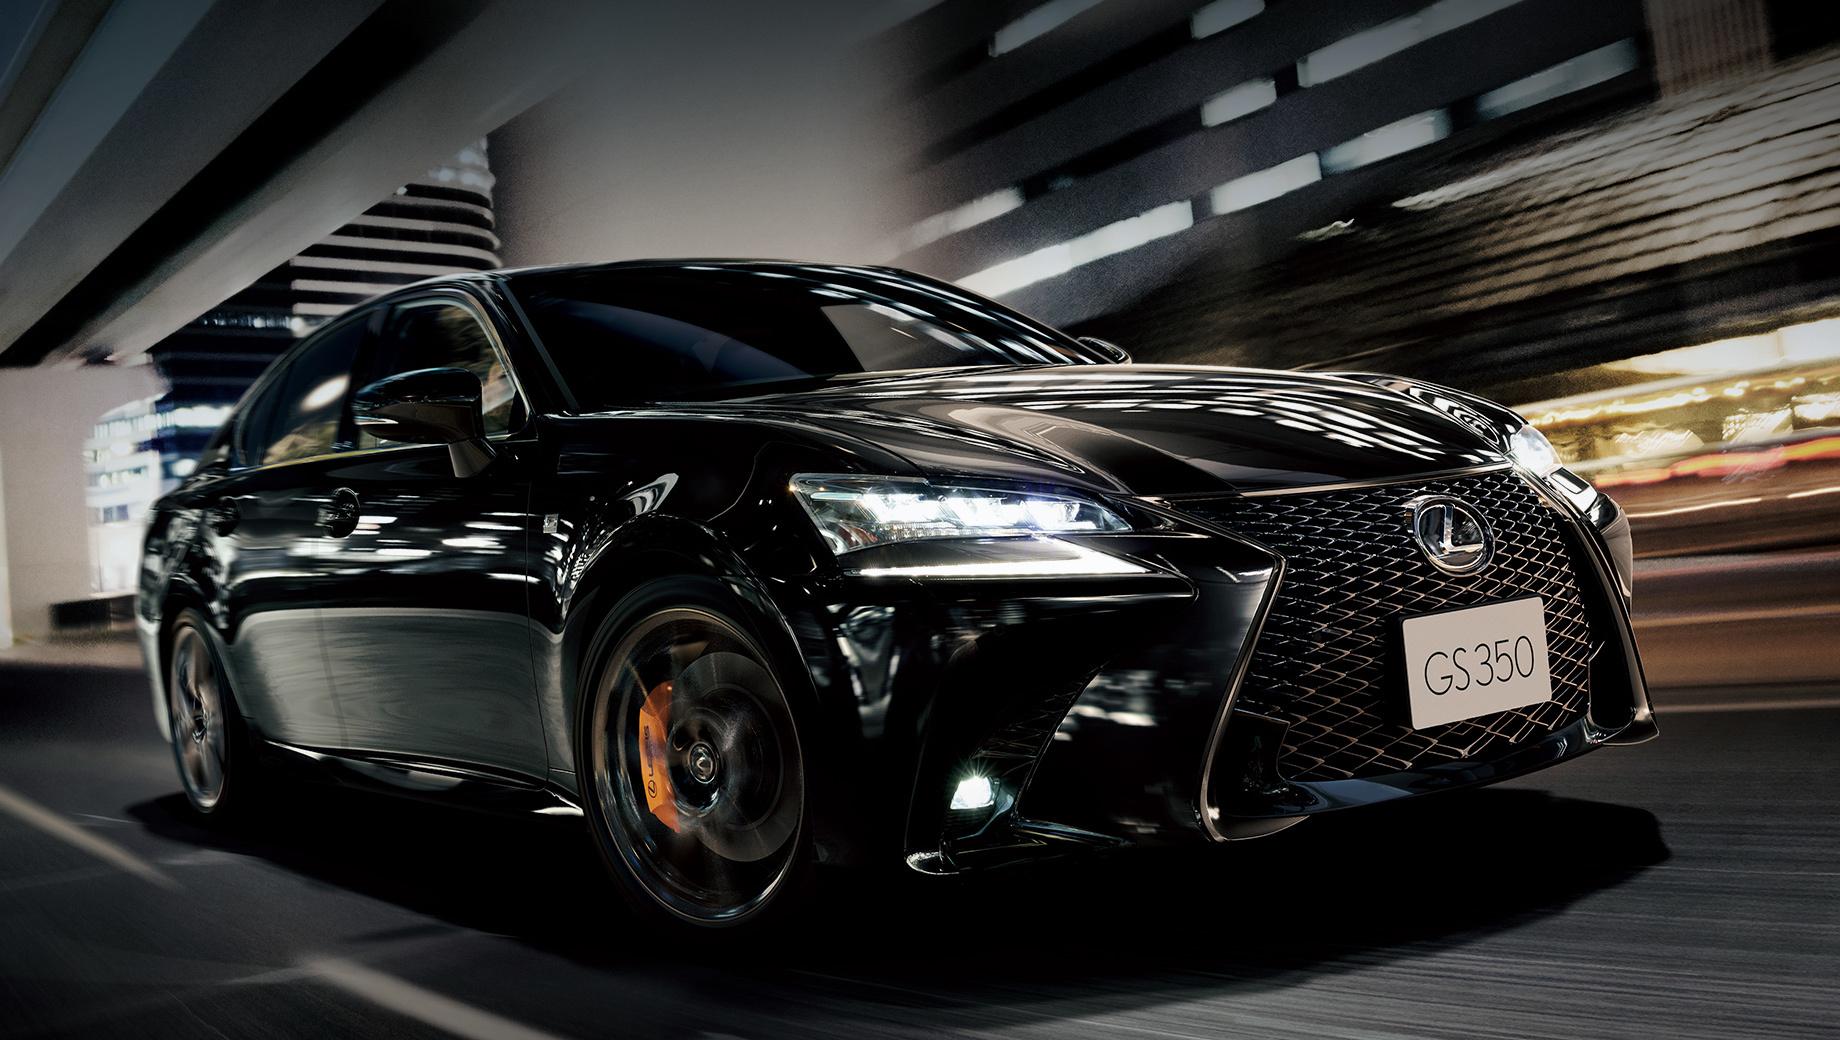 Lexus gs. Старт продаж модификации Eternal Touring намечен на лето 2020 года, спецверсия будет доступна в сочетании с любым мотором. Цена ― от 7,1 млн иен за наддувный GS 300 Eternal Touring (4,9 млн рублей). За стандартный GS 300 F Sport нужно отдать 6,7 млн иен (4,6 млн рублей).